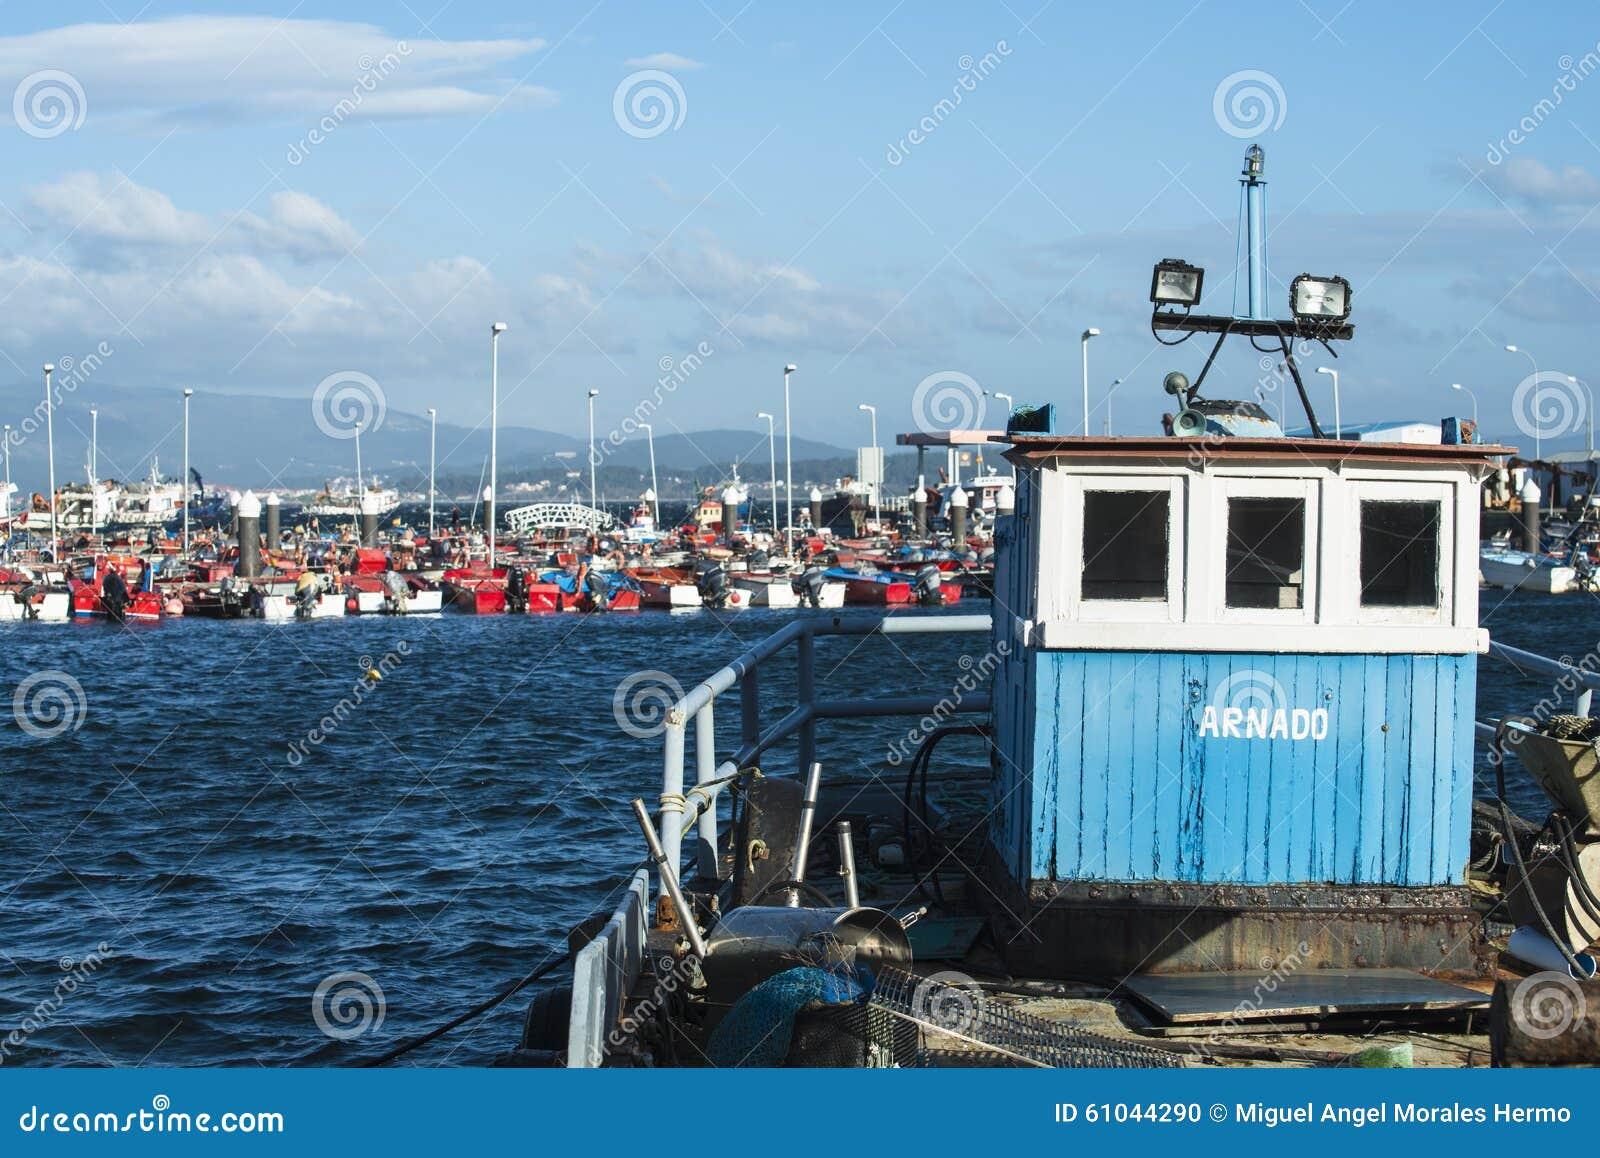 Illa Trol: Fishing Boat Editorial Image